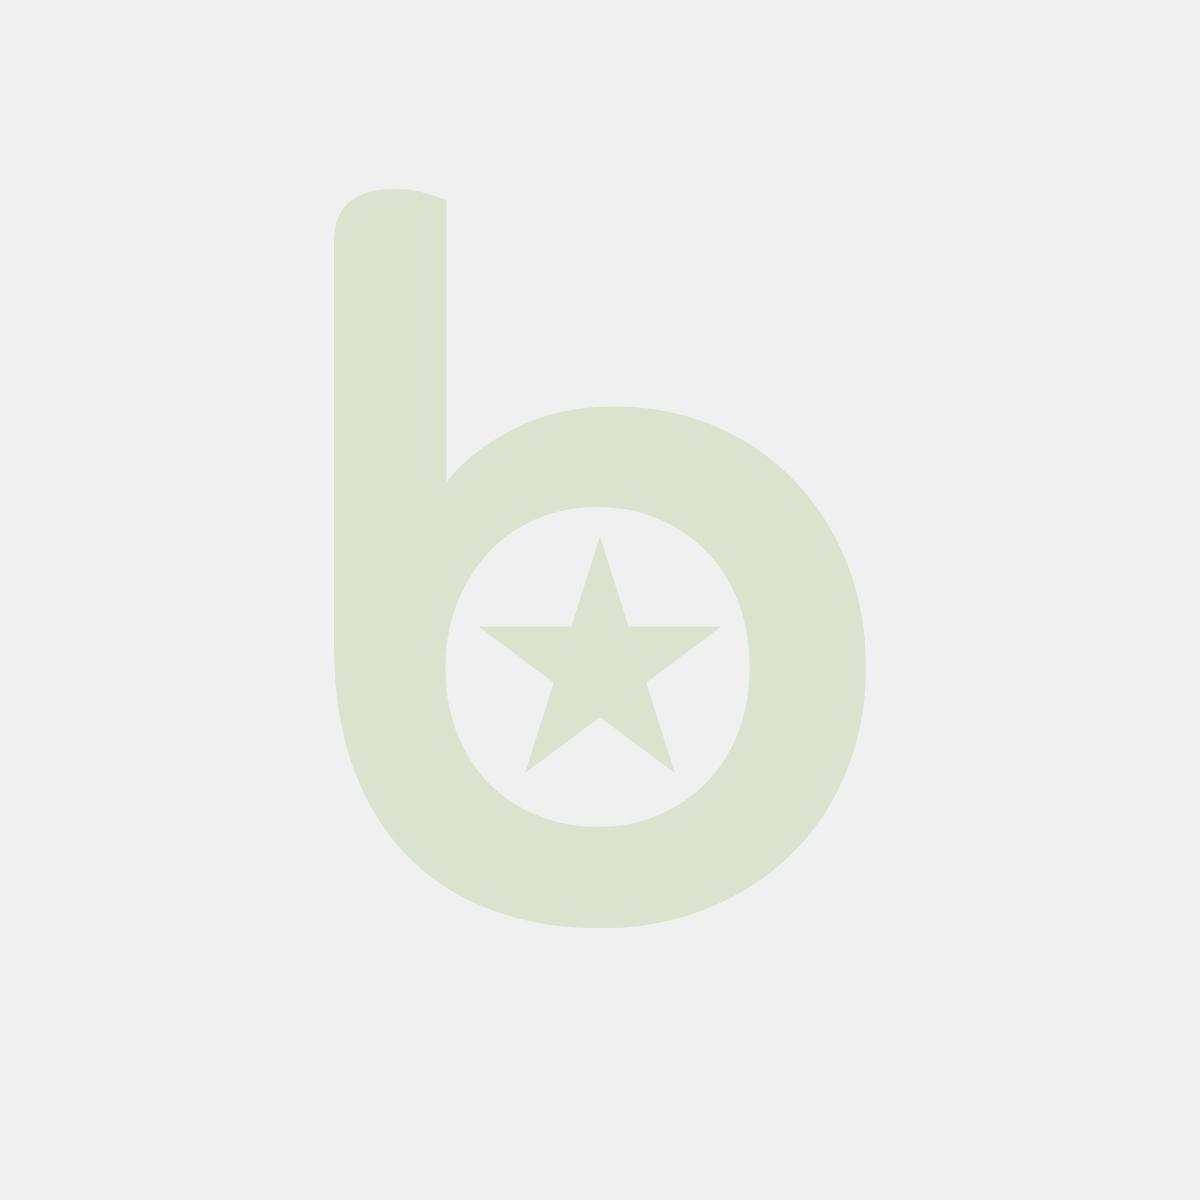 FINGERFOOD - talerzyk PS transparentny 6,5x6,5 op. 25 sztuk